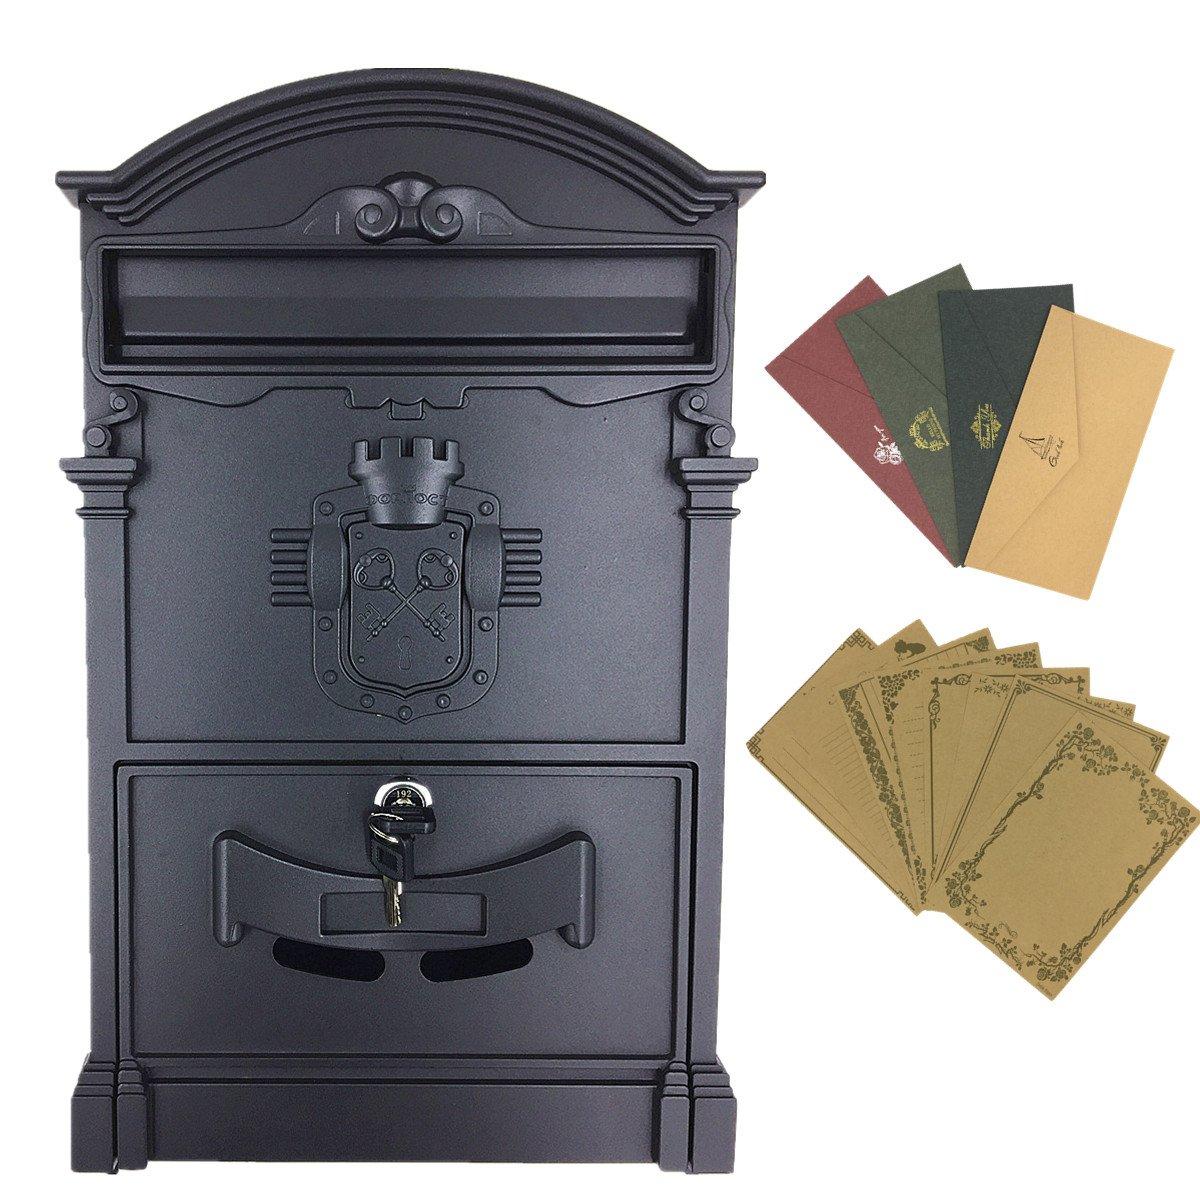 Yahead Boîte aux lettres rétro vintage extérieure en aluminium - Avec fixations murales - Sécurisée - Avec papeterie (8feuilles de papier à lettre et 4enveloppes), noir